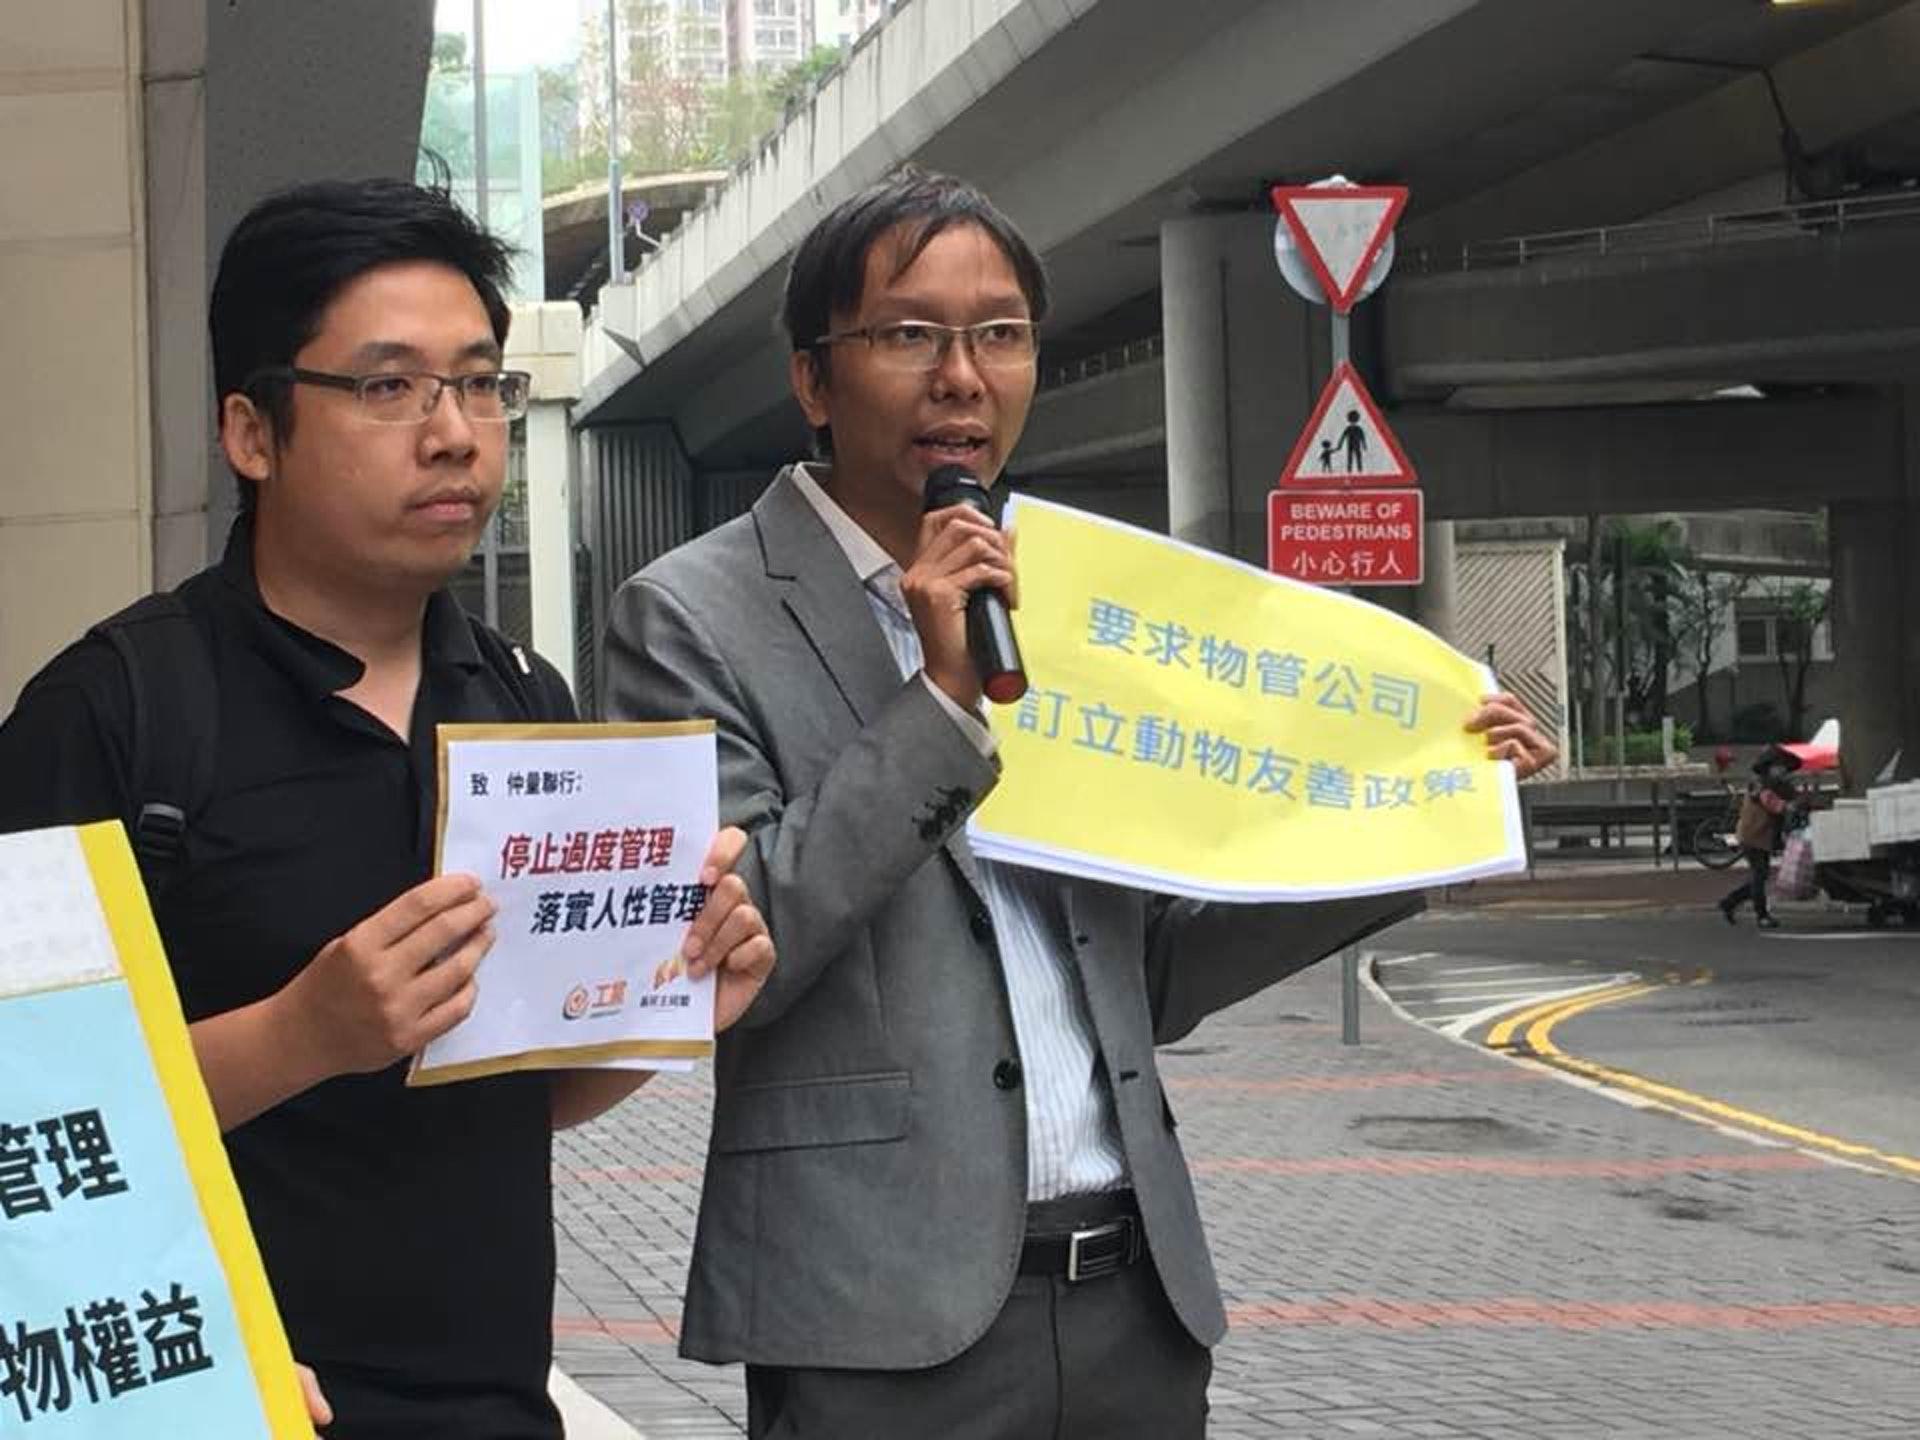 荃灣區議員譚凱邦(右)表示,若涉事保安員可以把避雨狗隻當作「濕透的婆婆或一般人對待」會更為理想。(鄧曦雯攝)